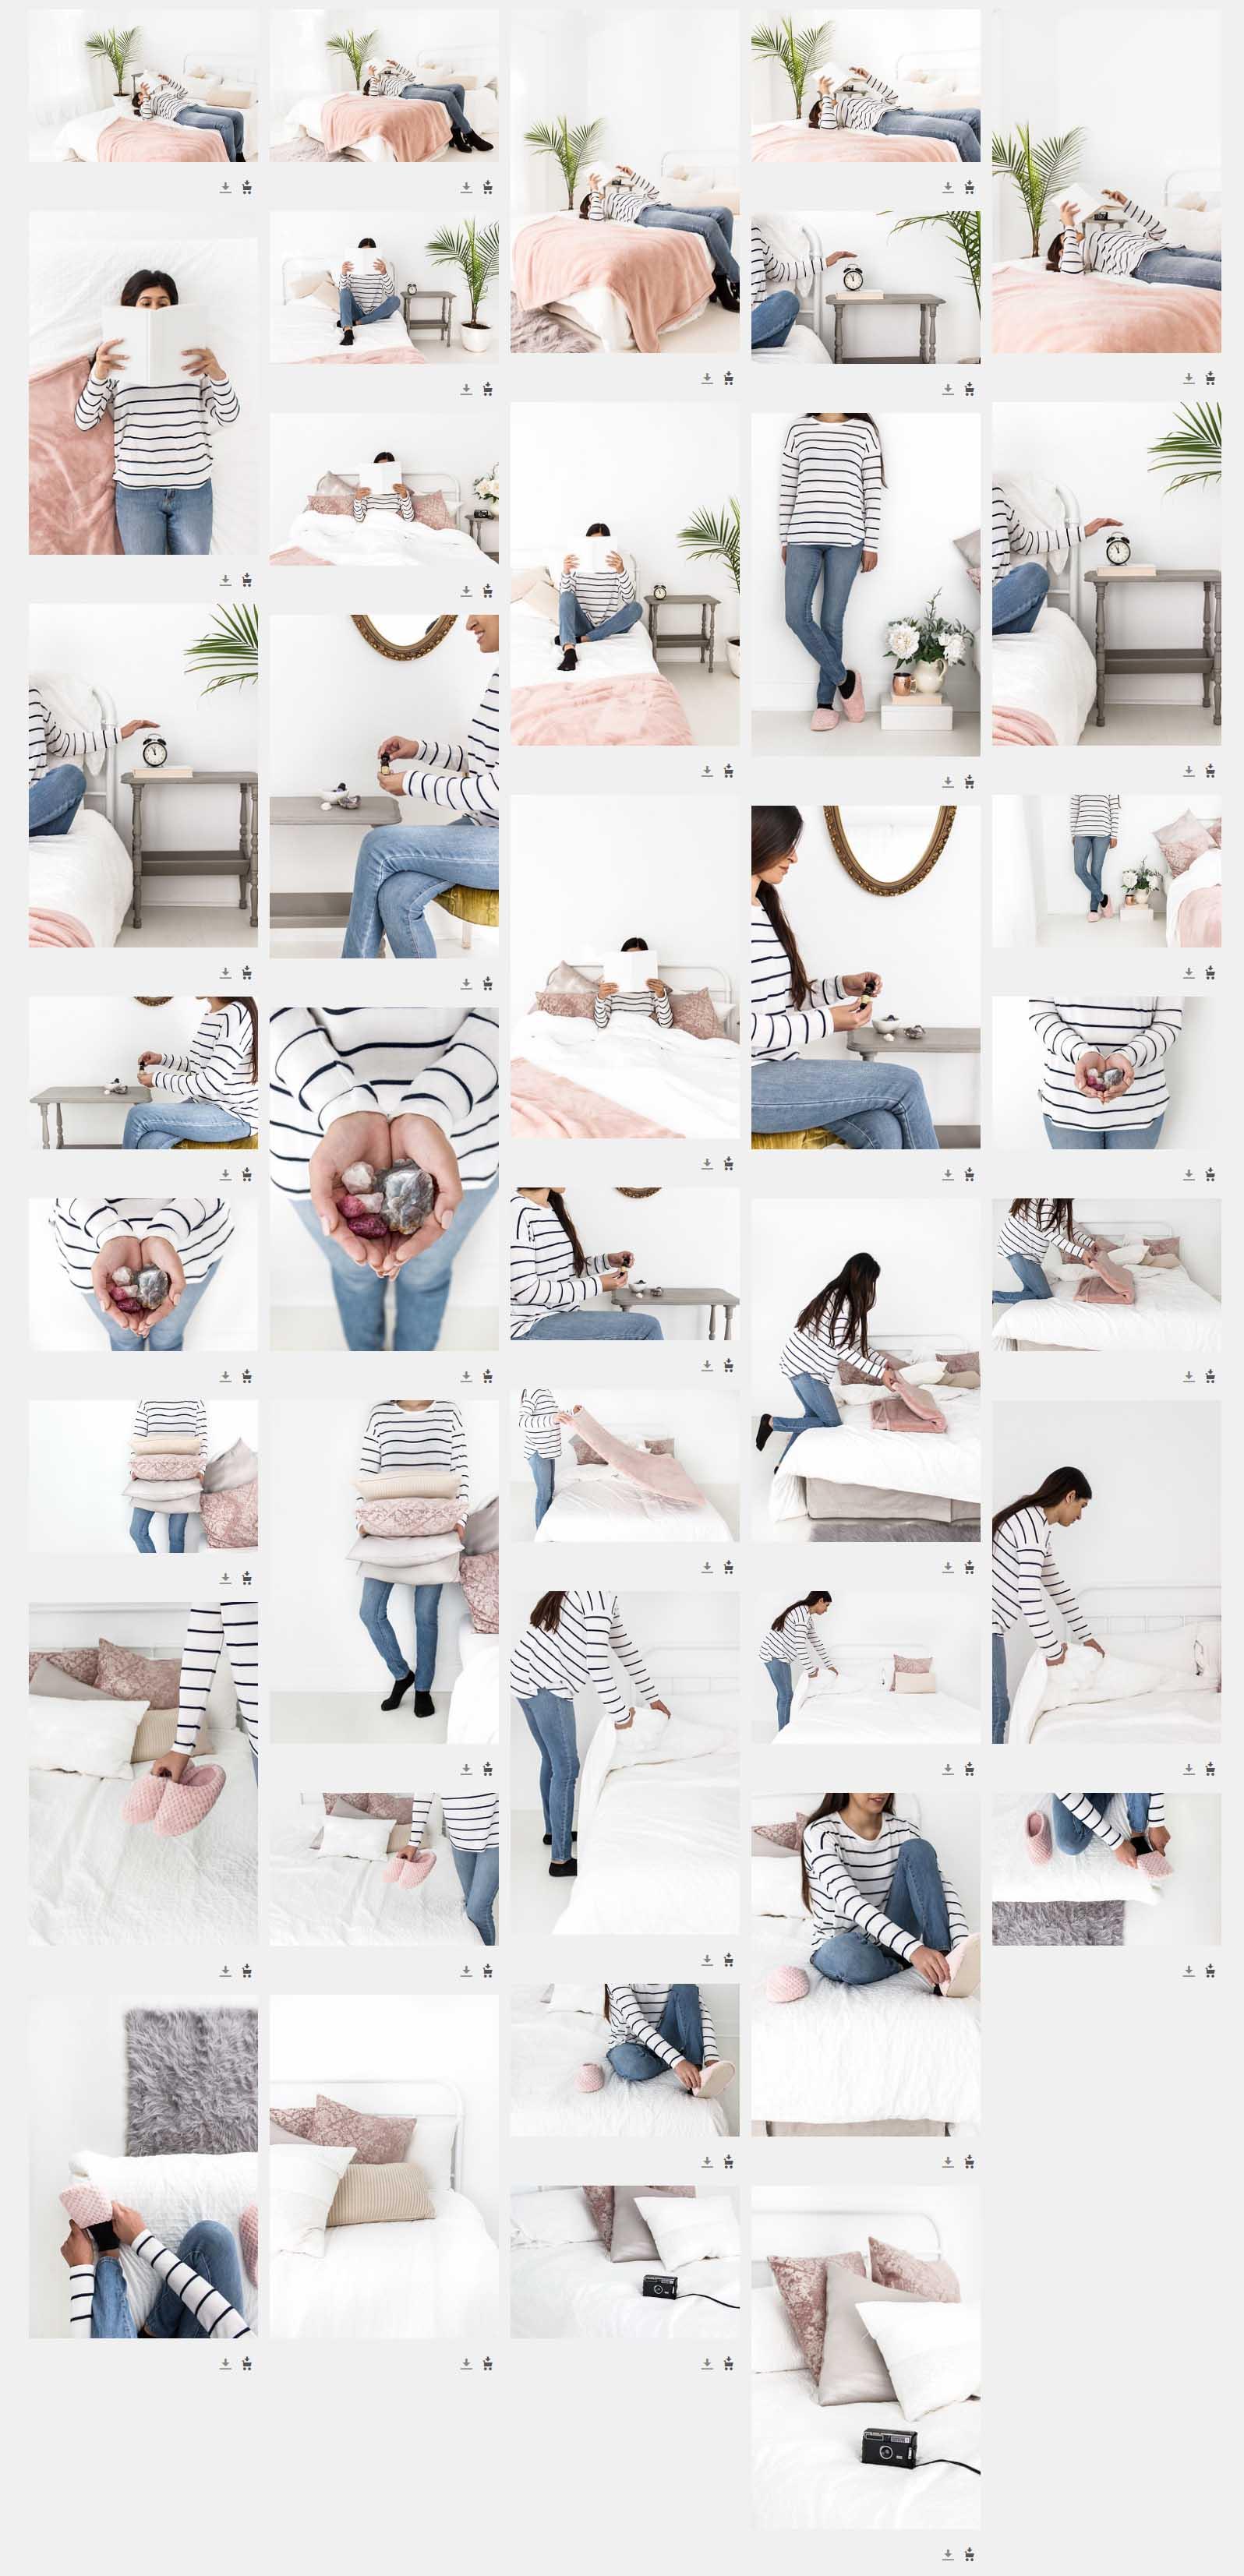 wellnesshome-samples-stock-photos